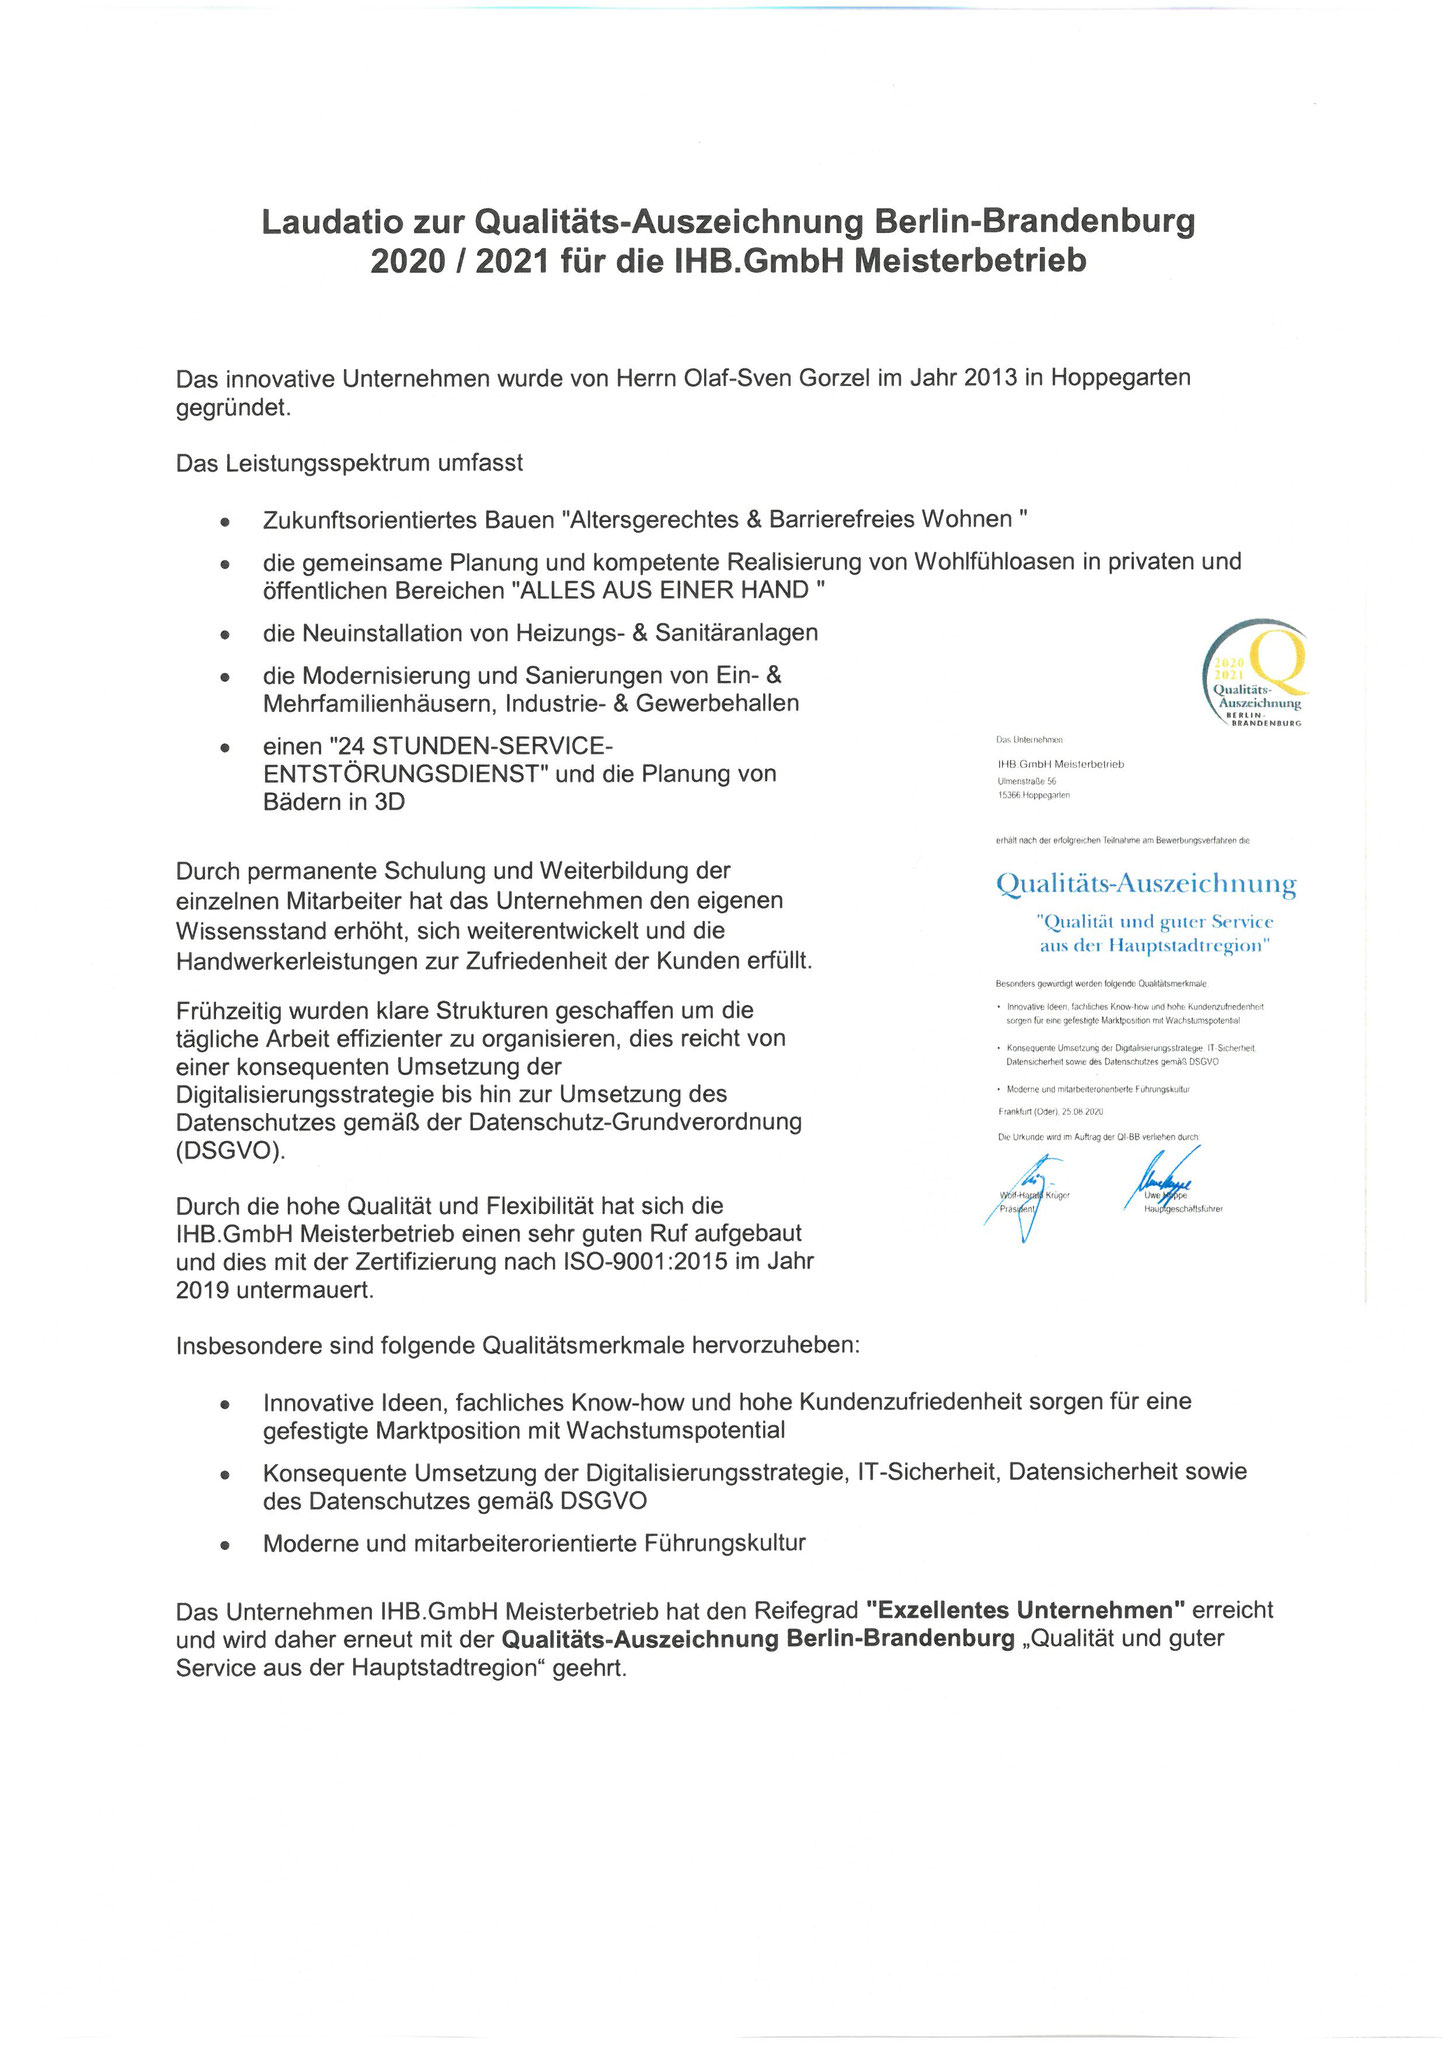 Qualitätsauszeichnung 2020/2021 Laudatio